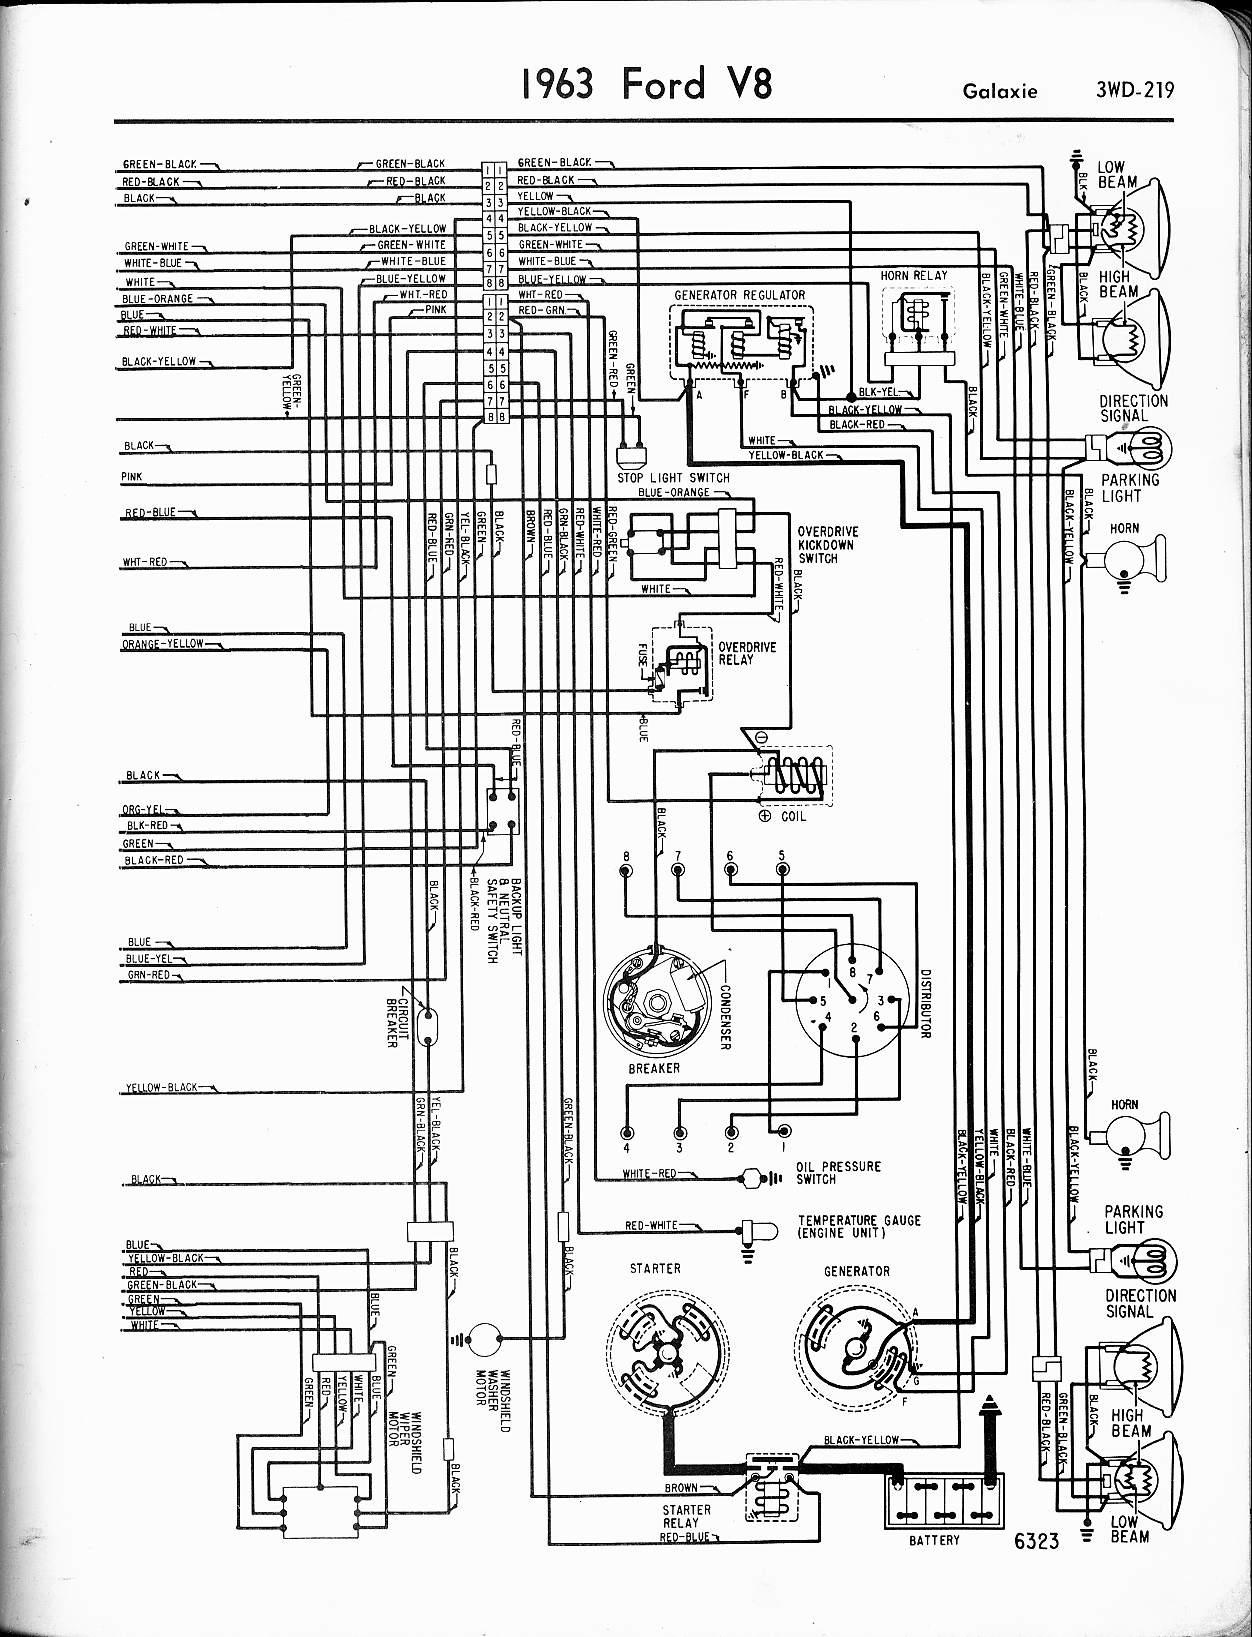 ford galaxy wiring diagram wiring diagram wiring diagram software ford galaxy wiring diagram pdf #8